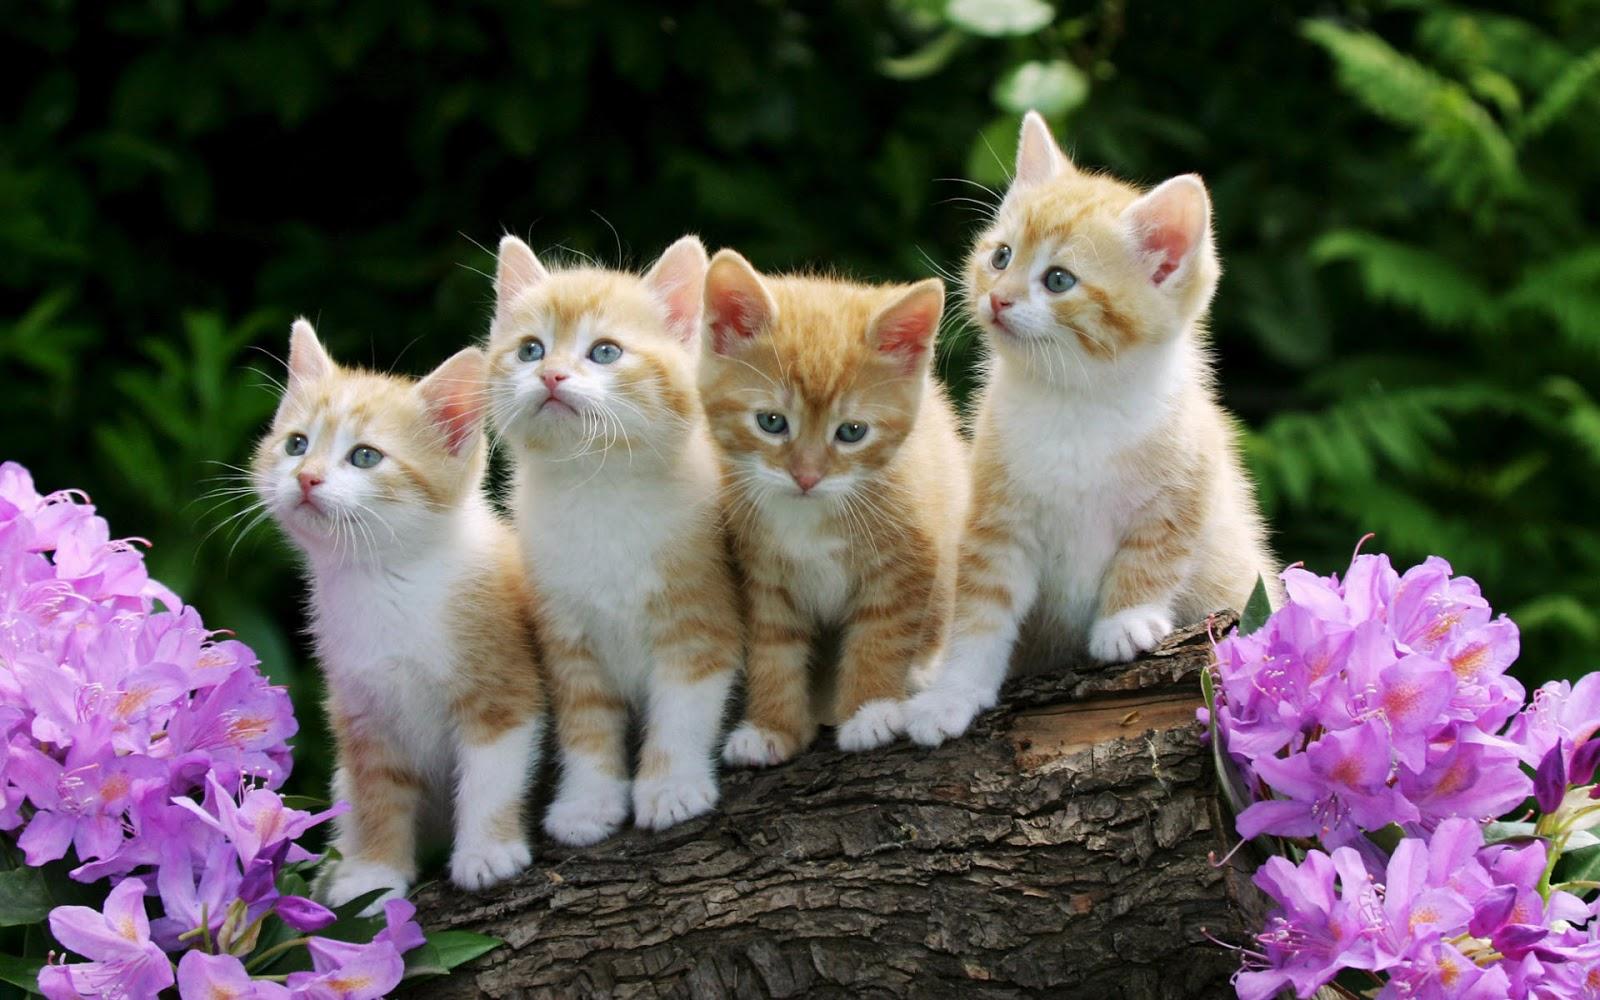 Cute kittens hd wallpaper free download yahoo tv blog - Cute kitten wallpaper free download ...